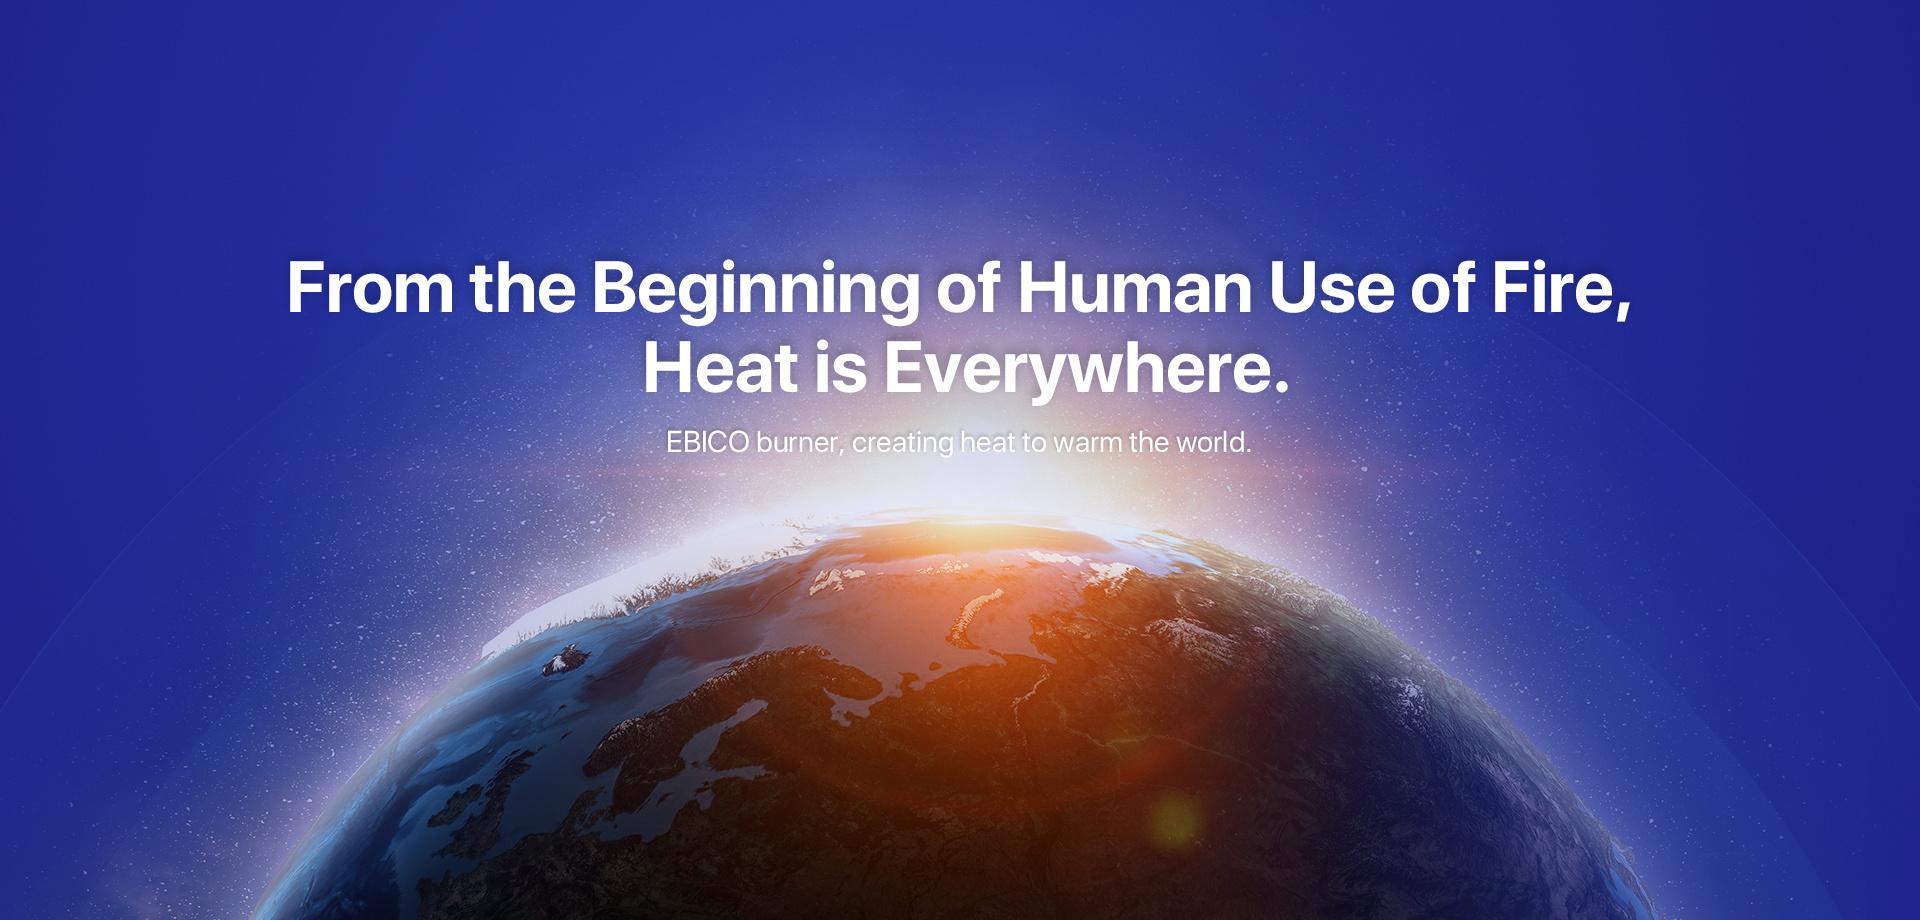 EBICO Global